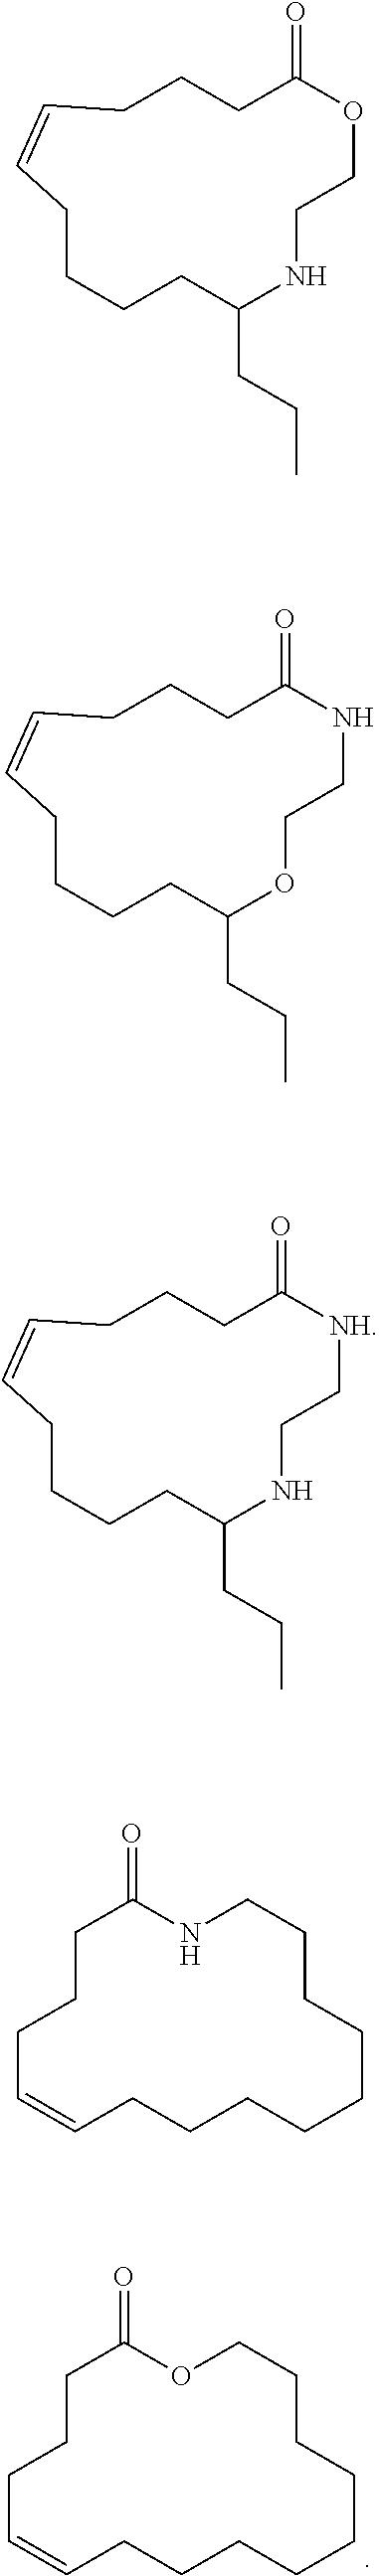 Figure US09446394-20160920-C00037